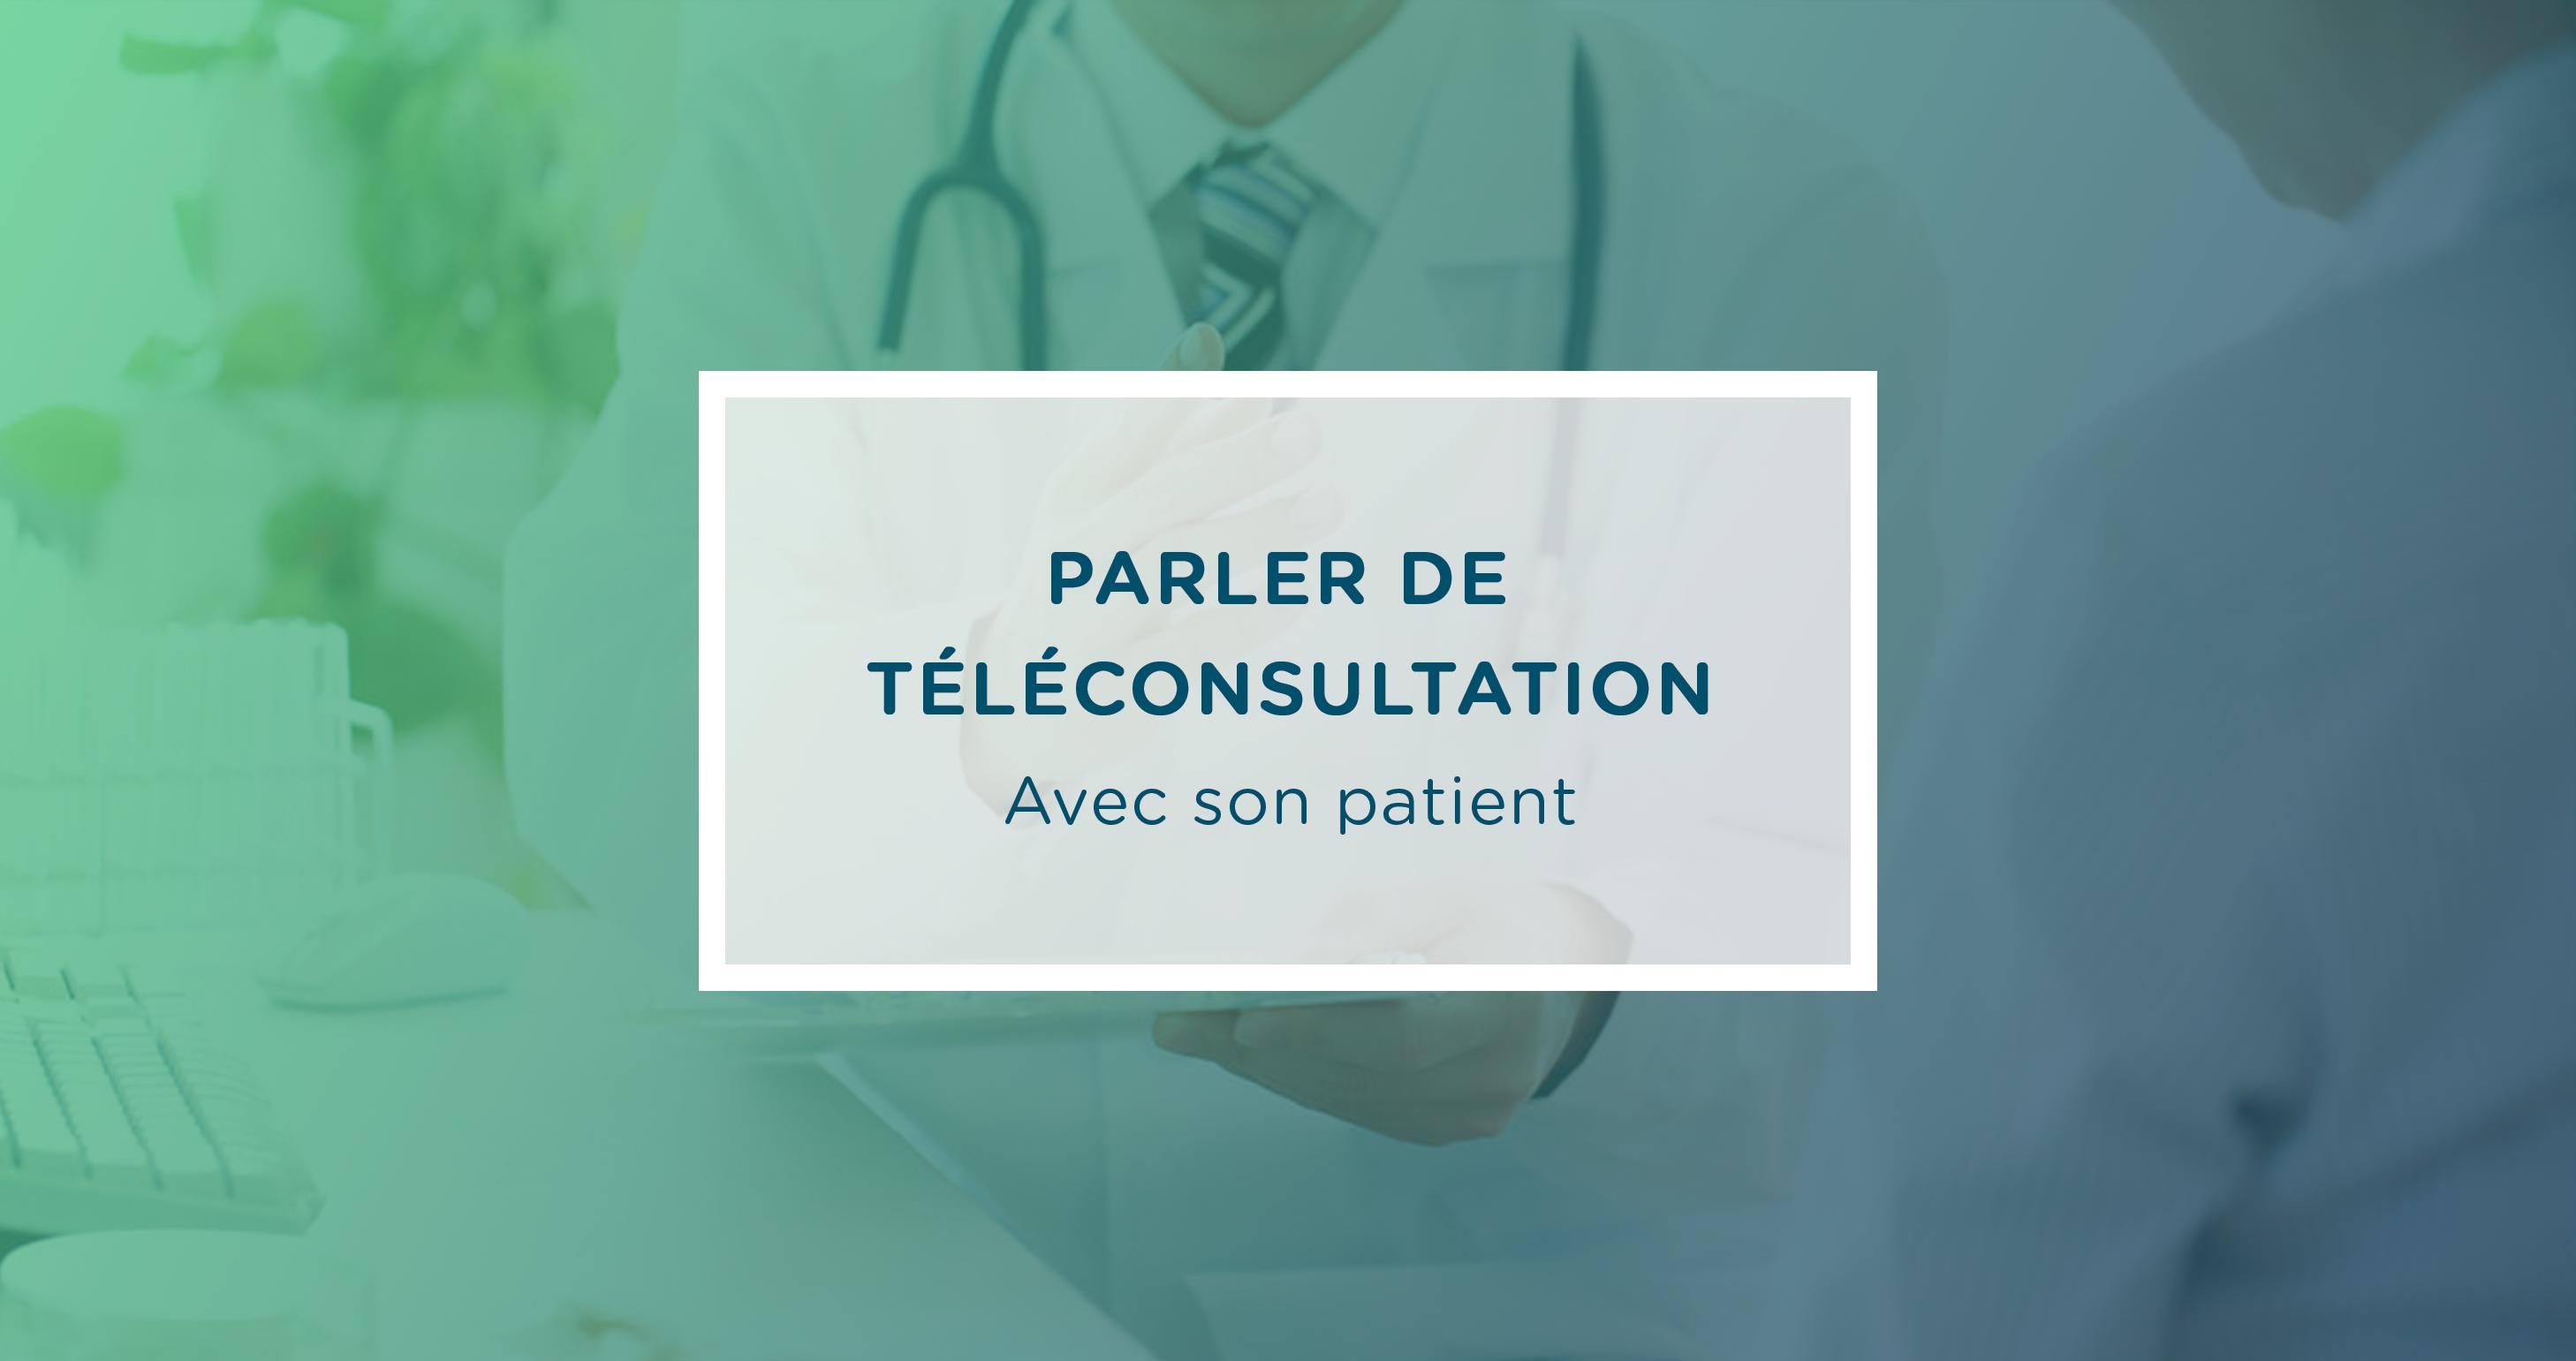 parler-teleconsultation-avec-son-patient